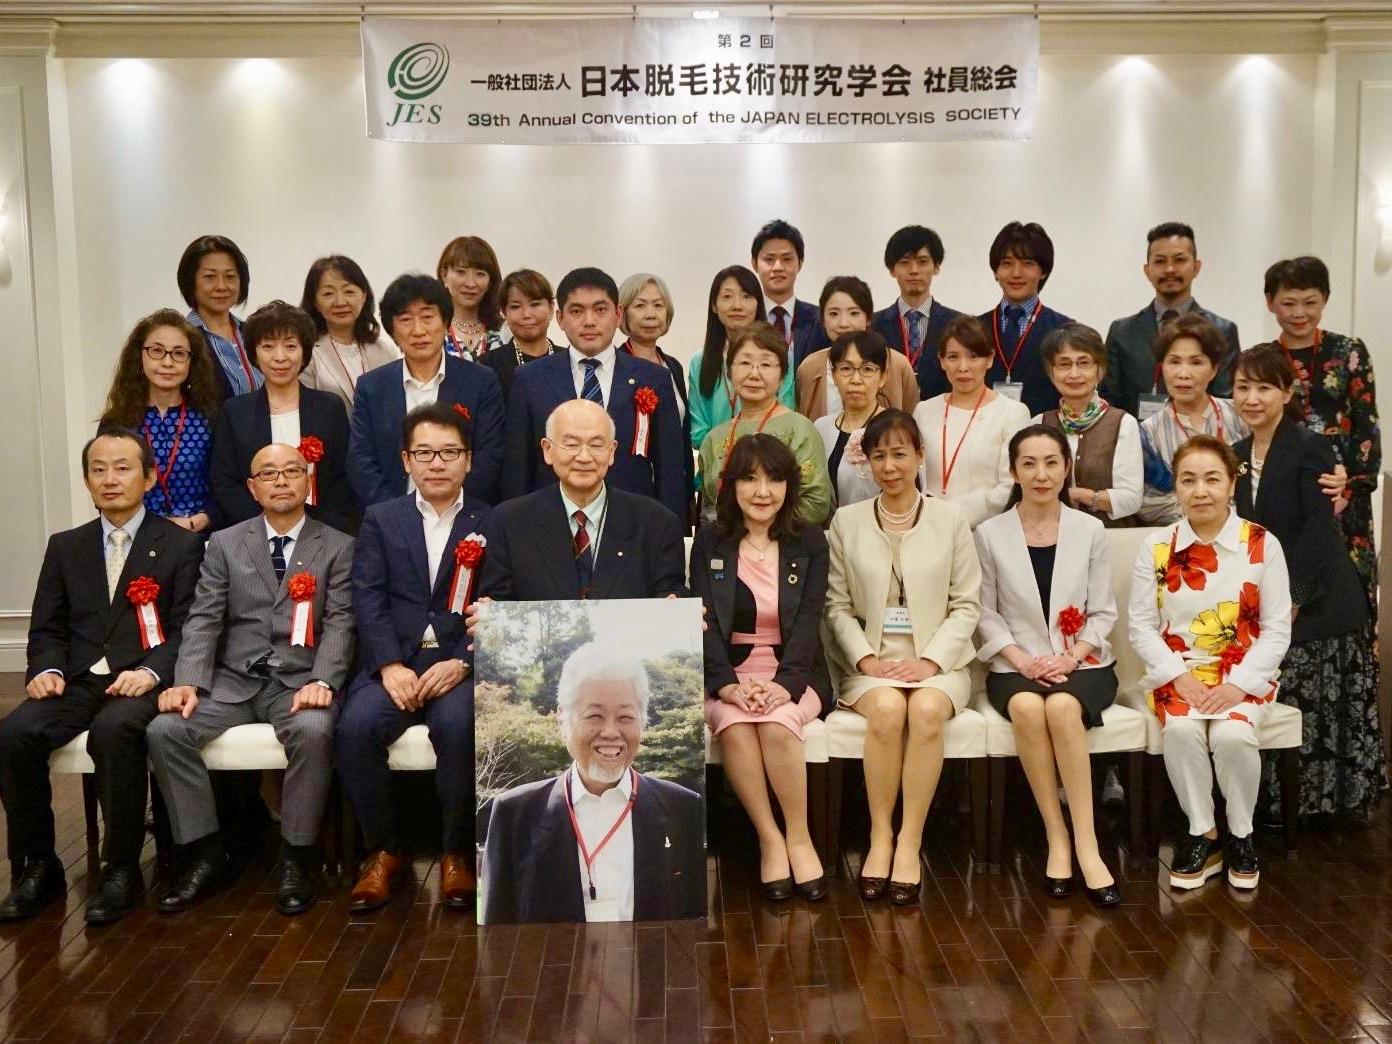 39周年★日本脱毛技術研究学会の総会と勉強会に行ってきました _f0135940_12444967.jpg